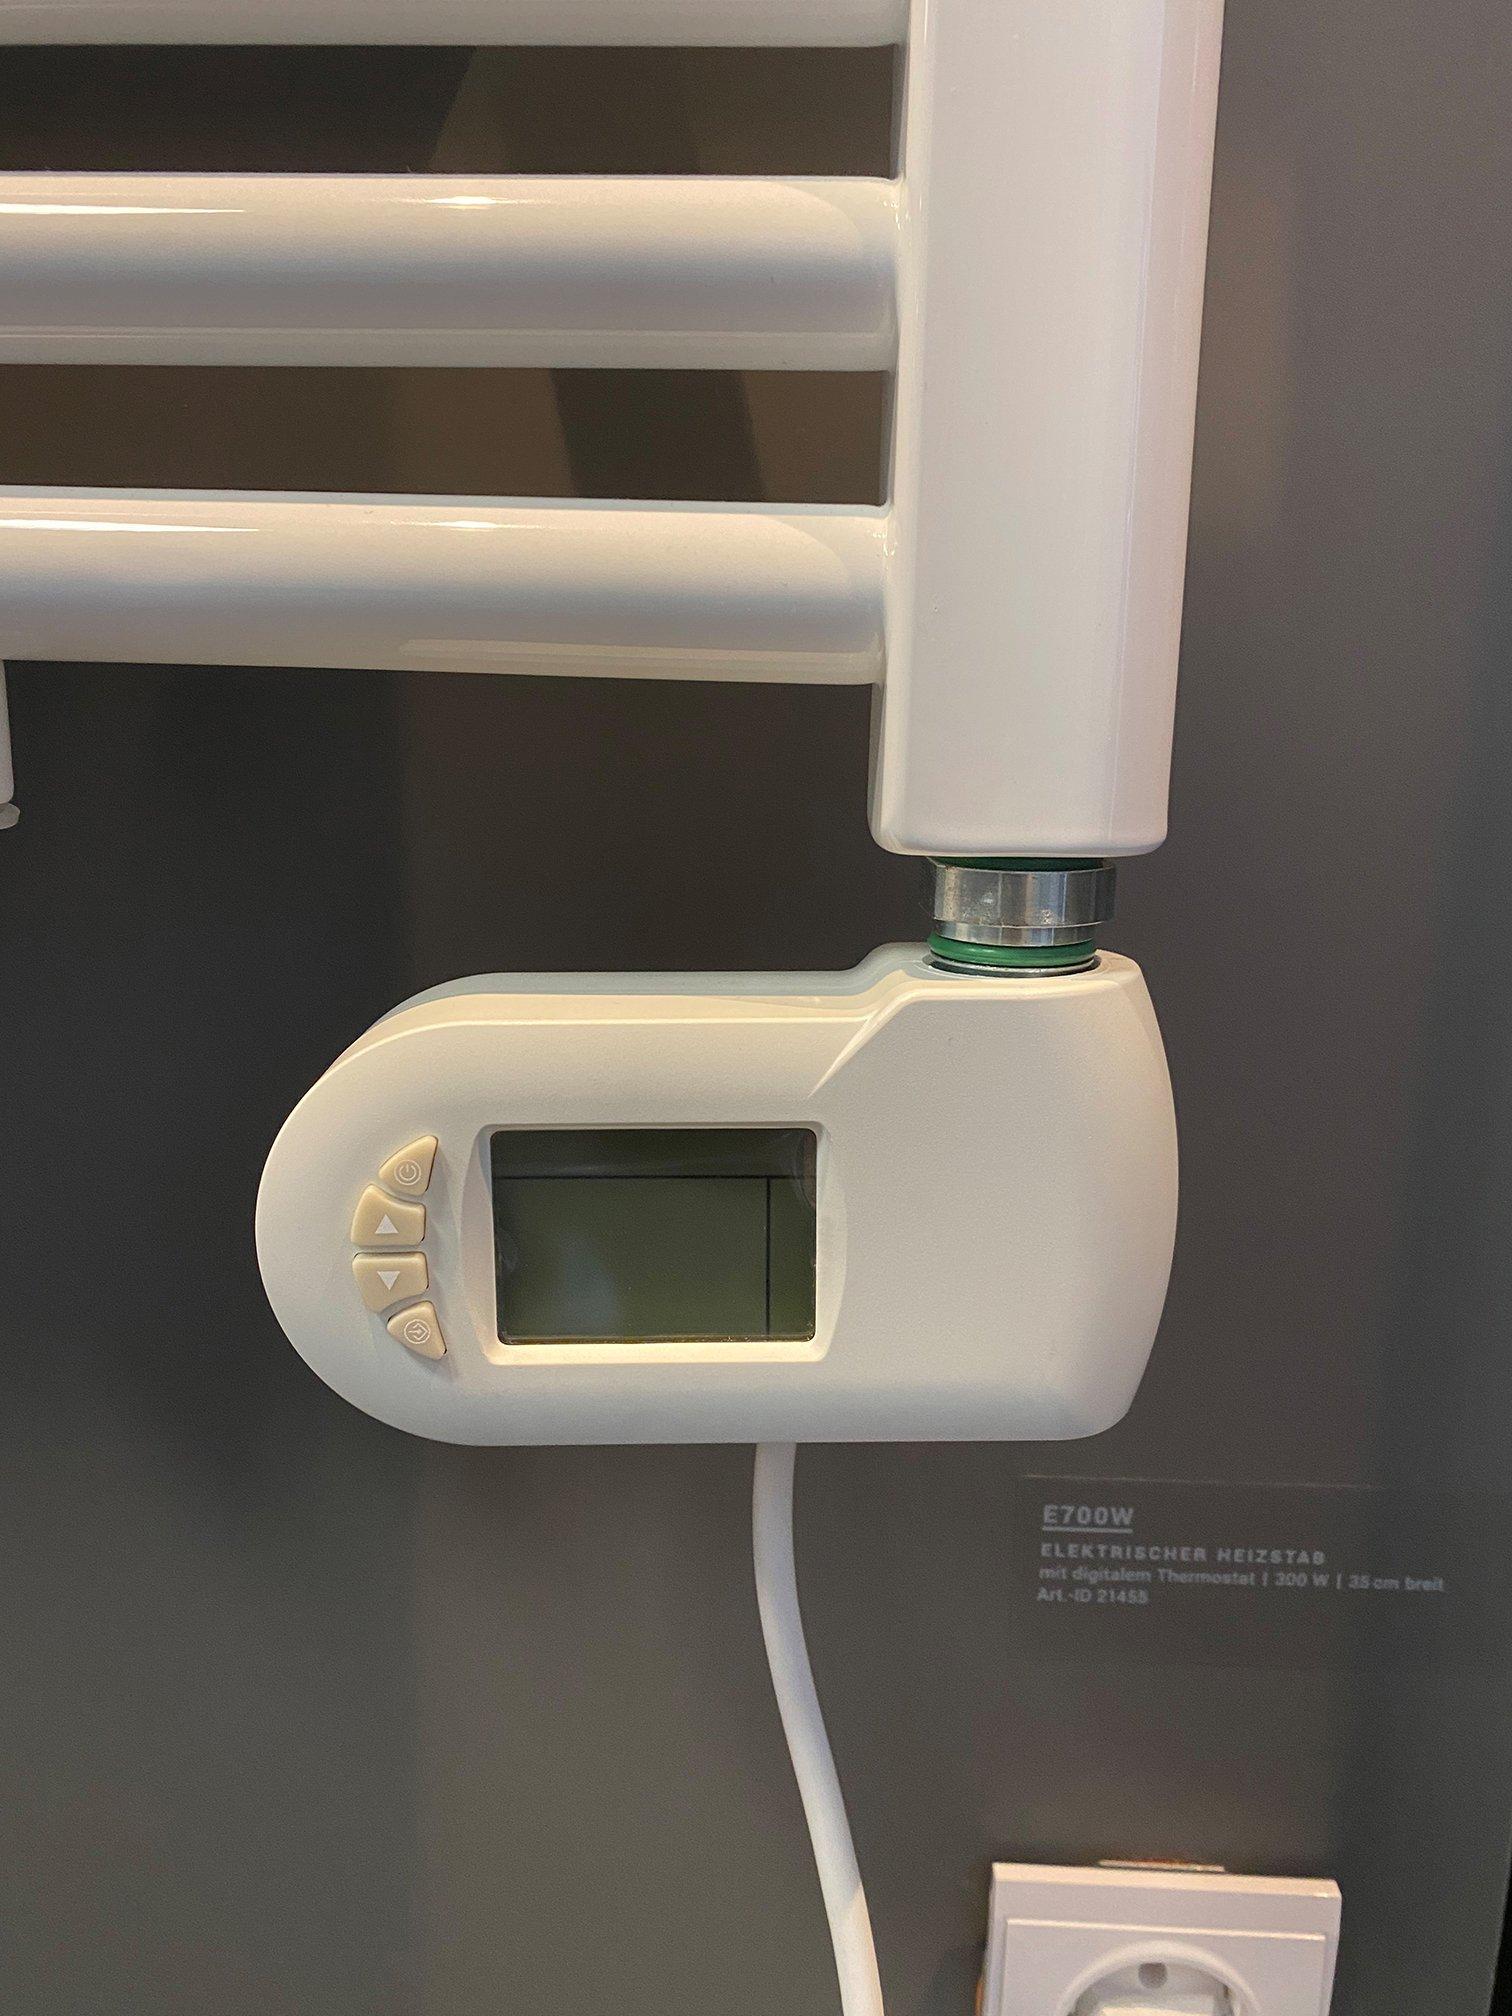 Heizstab elektrisch E700W für Badheizkörper - mit digitalem Thermostat in Weiß